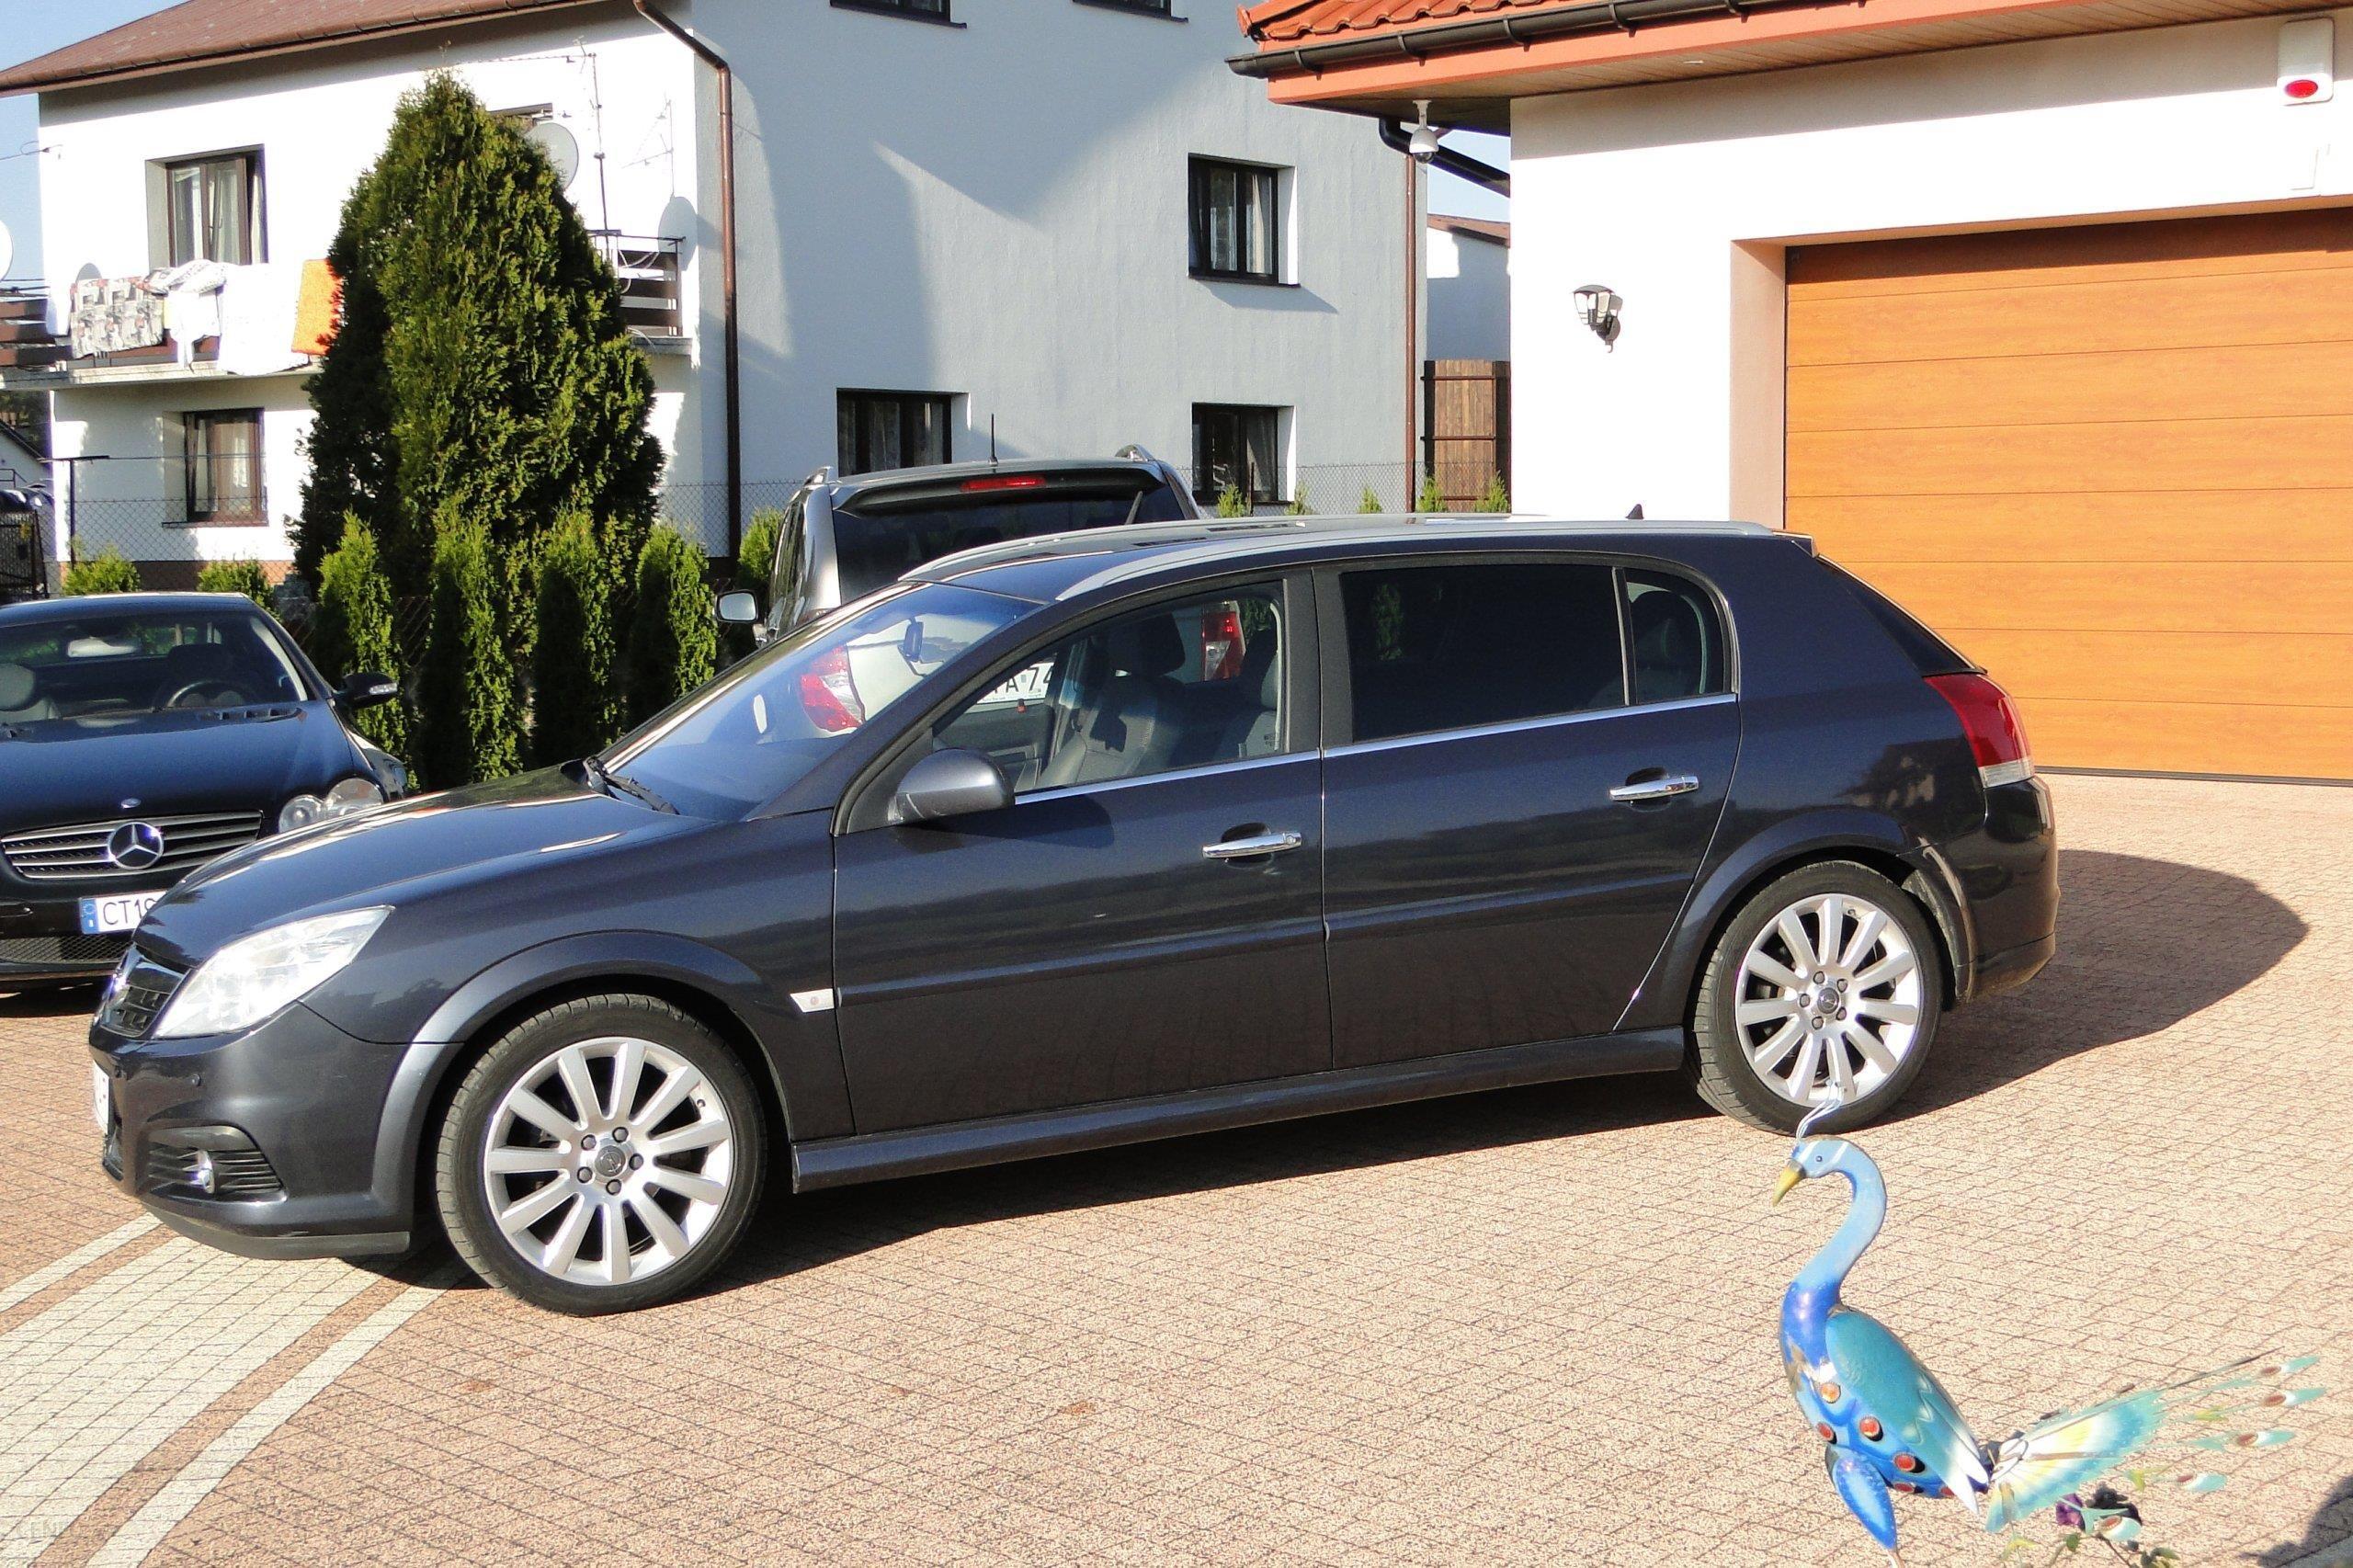 Chłodny Opel Signum 2006 diesel 150KM hatchback szary - Opinie i ceny na EU24